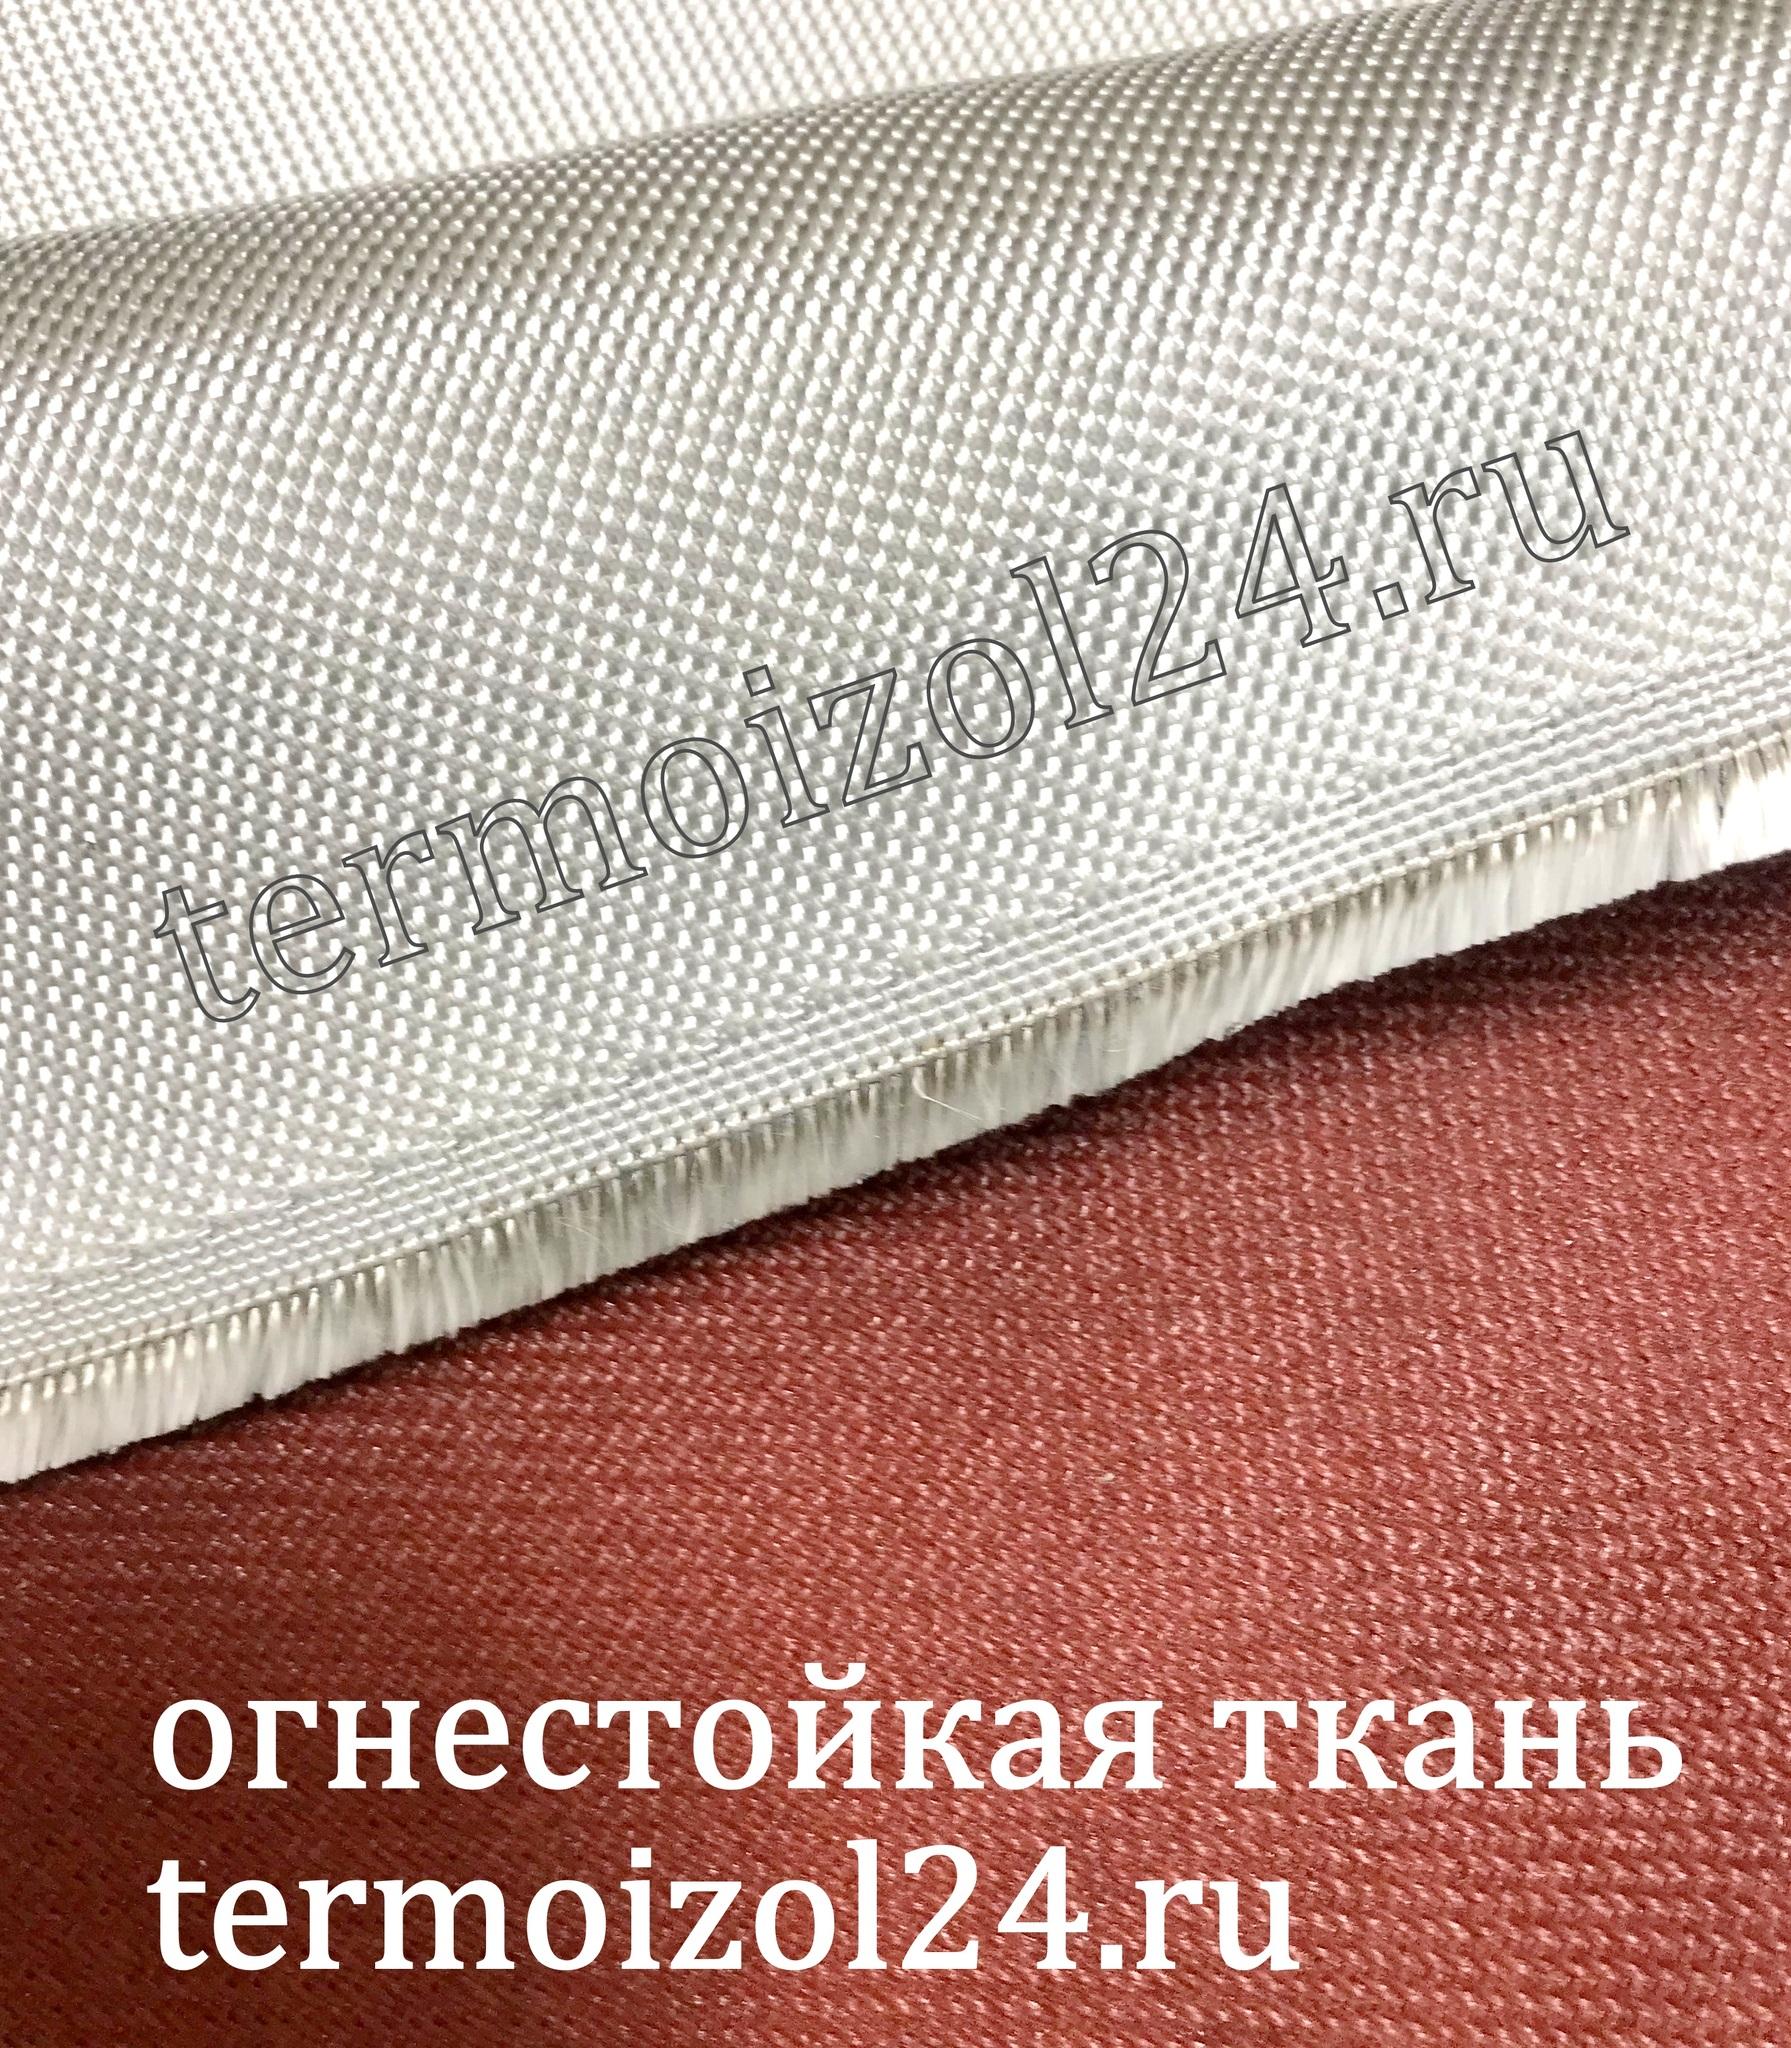 кремнеземная ткань с силиконовым (ПУ) пропиткой красная